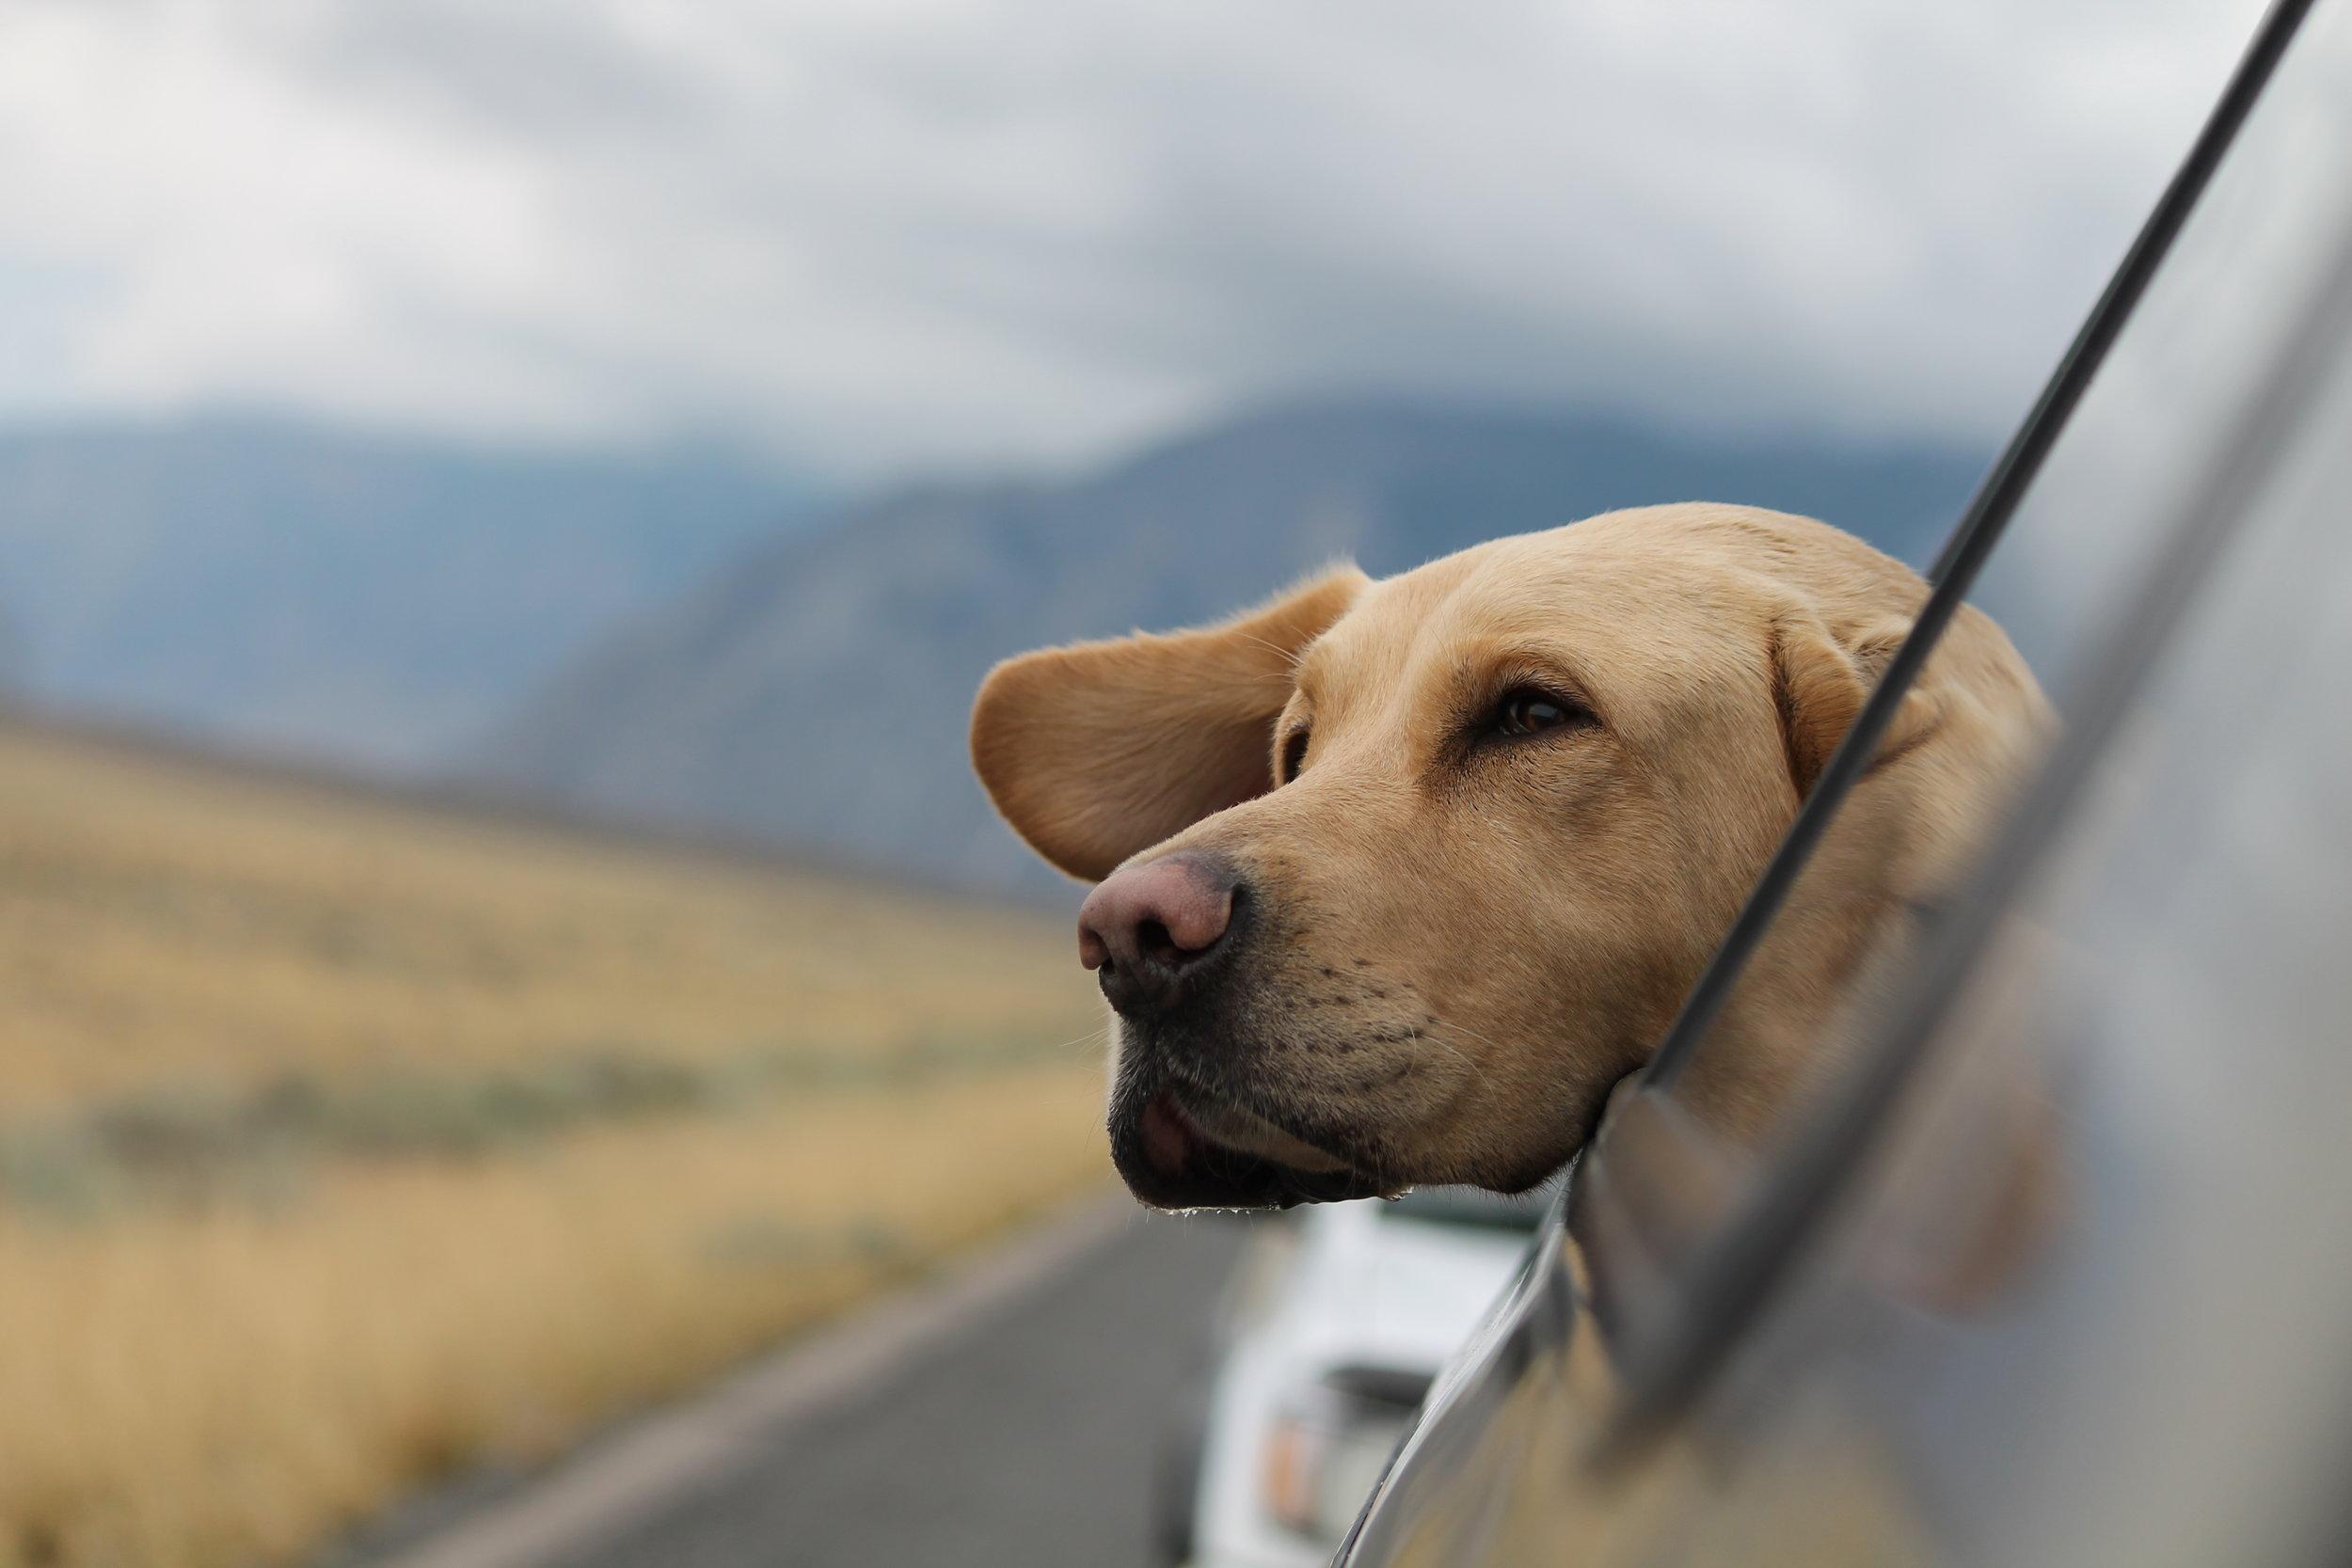 Dog_riding_in_car